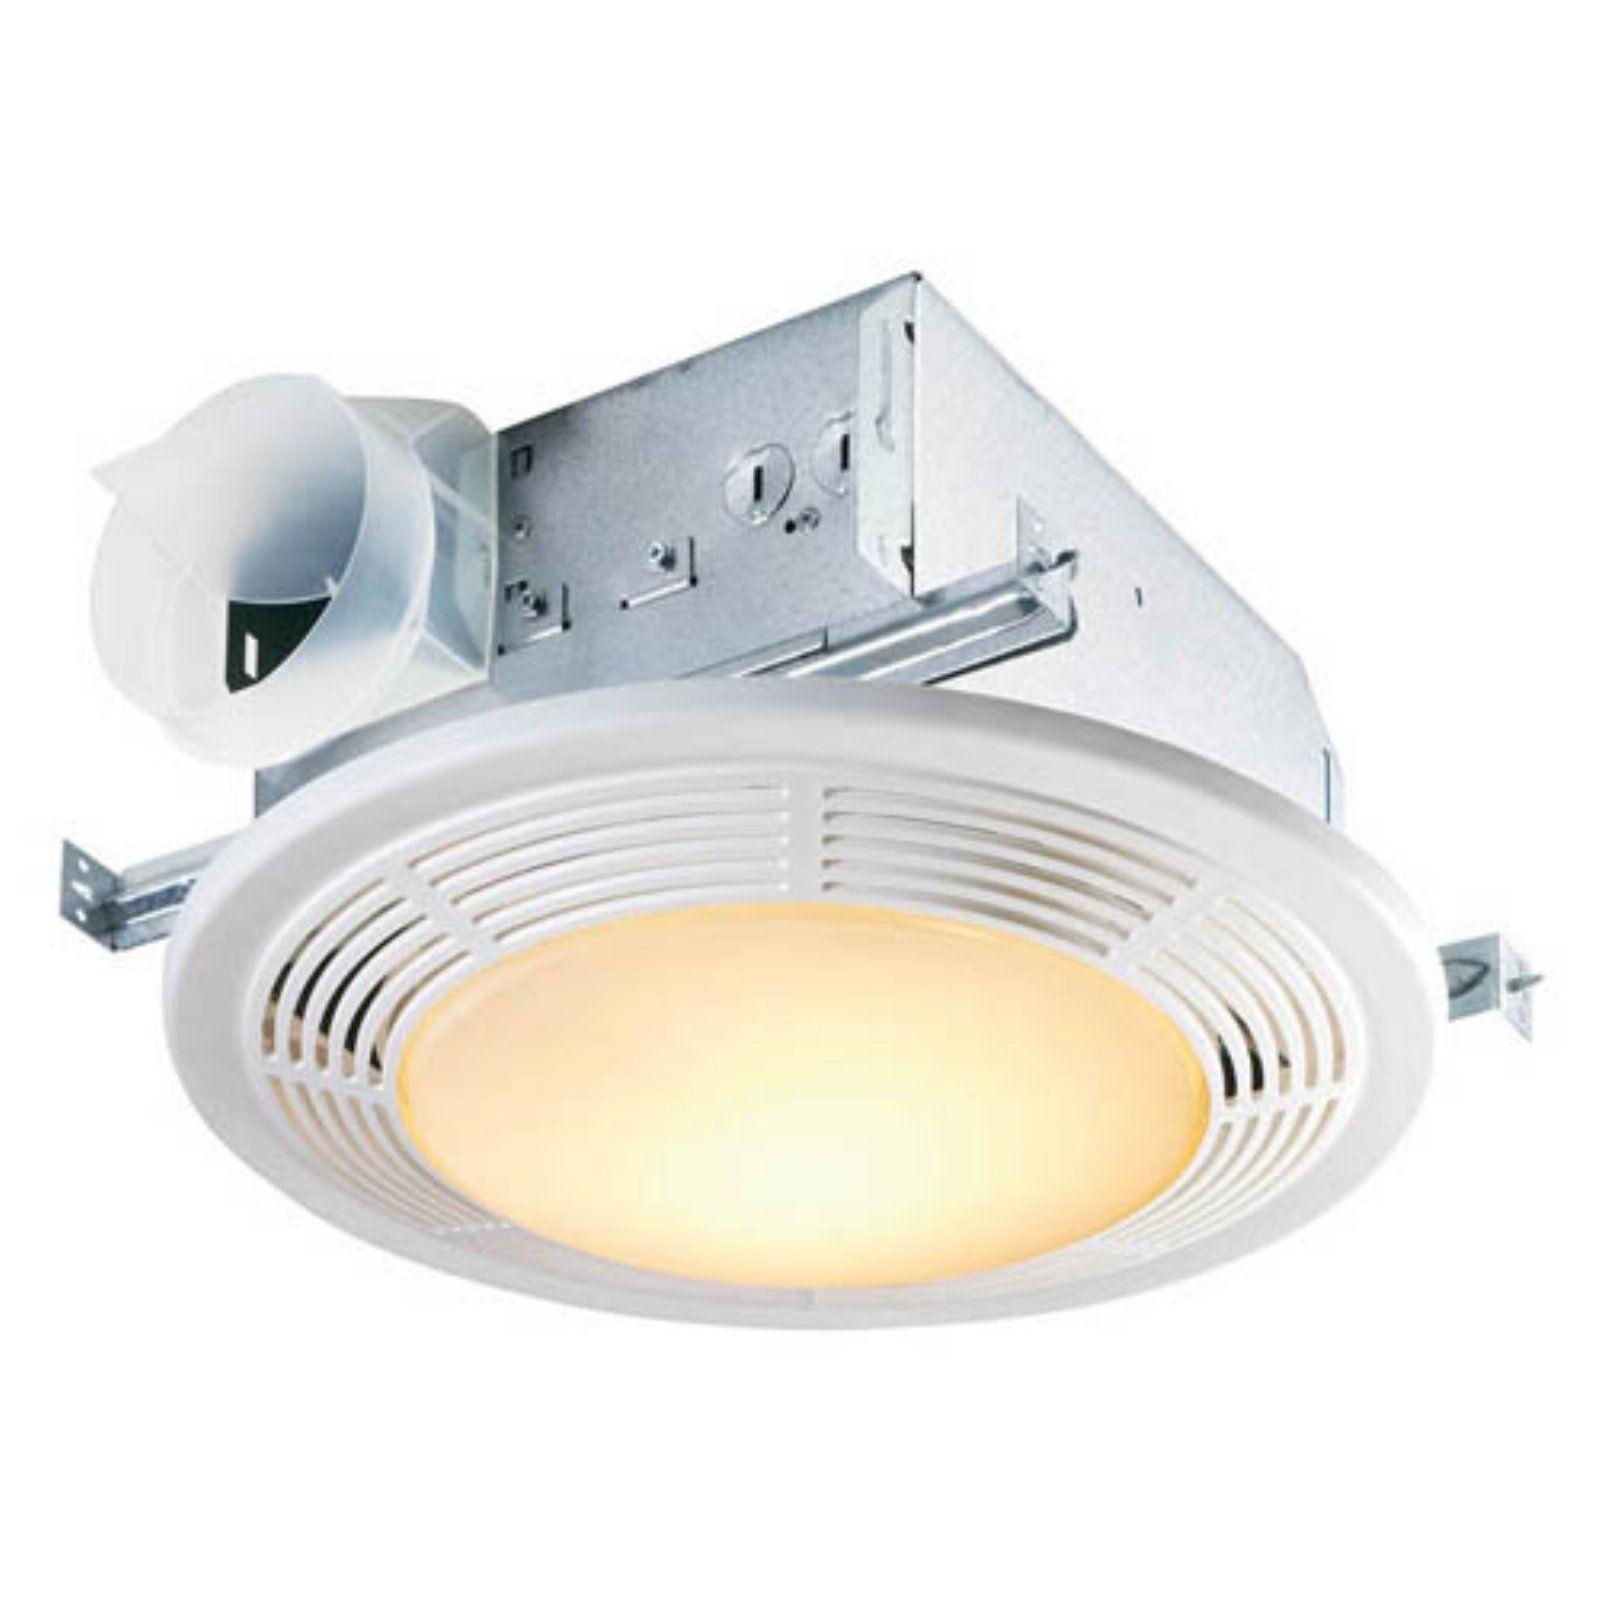 Broan Nutone 8663rp Combination Fan Light Night In